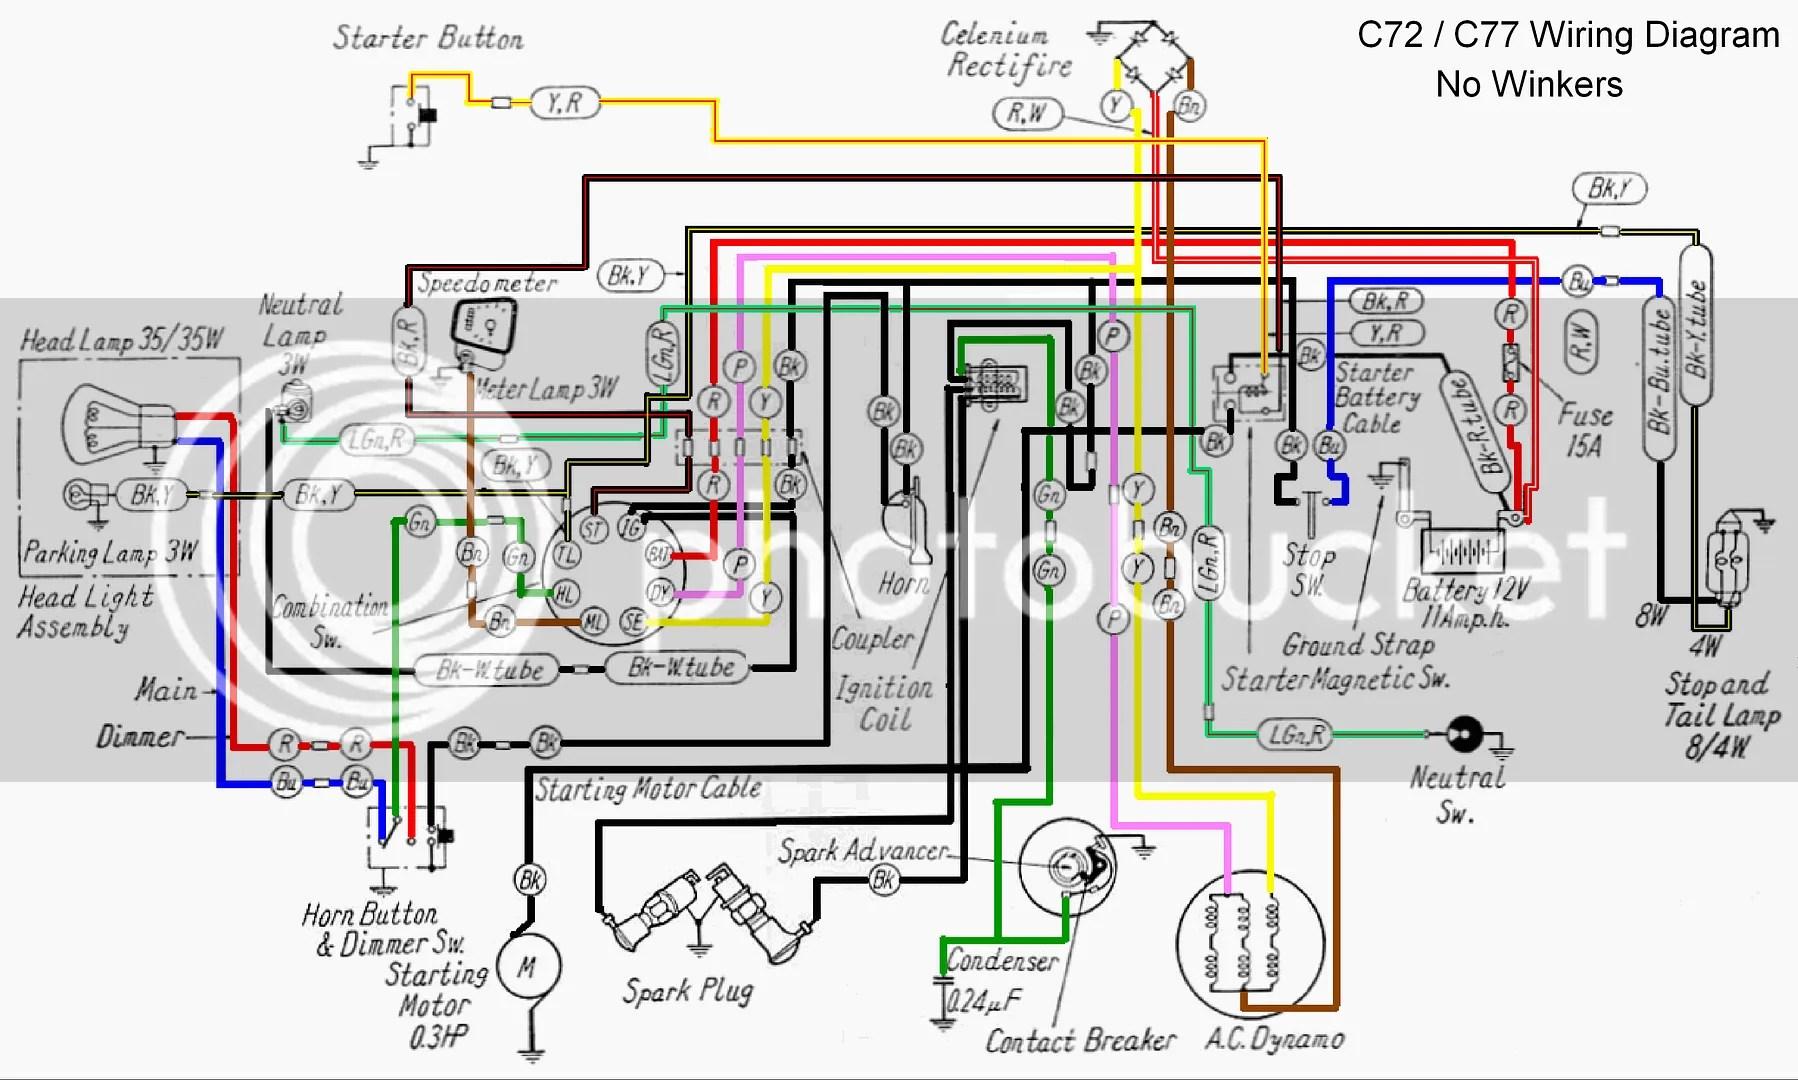 medium resolution of honda nova wiring diagram simple wiring diagram 72 chevy nova starter wiring diagram honda nova wiring